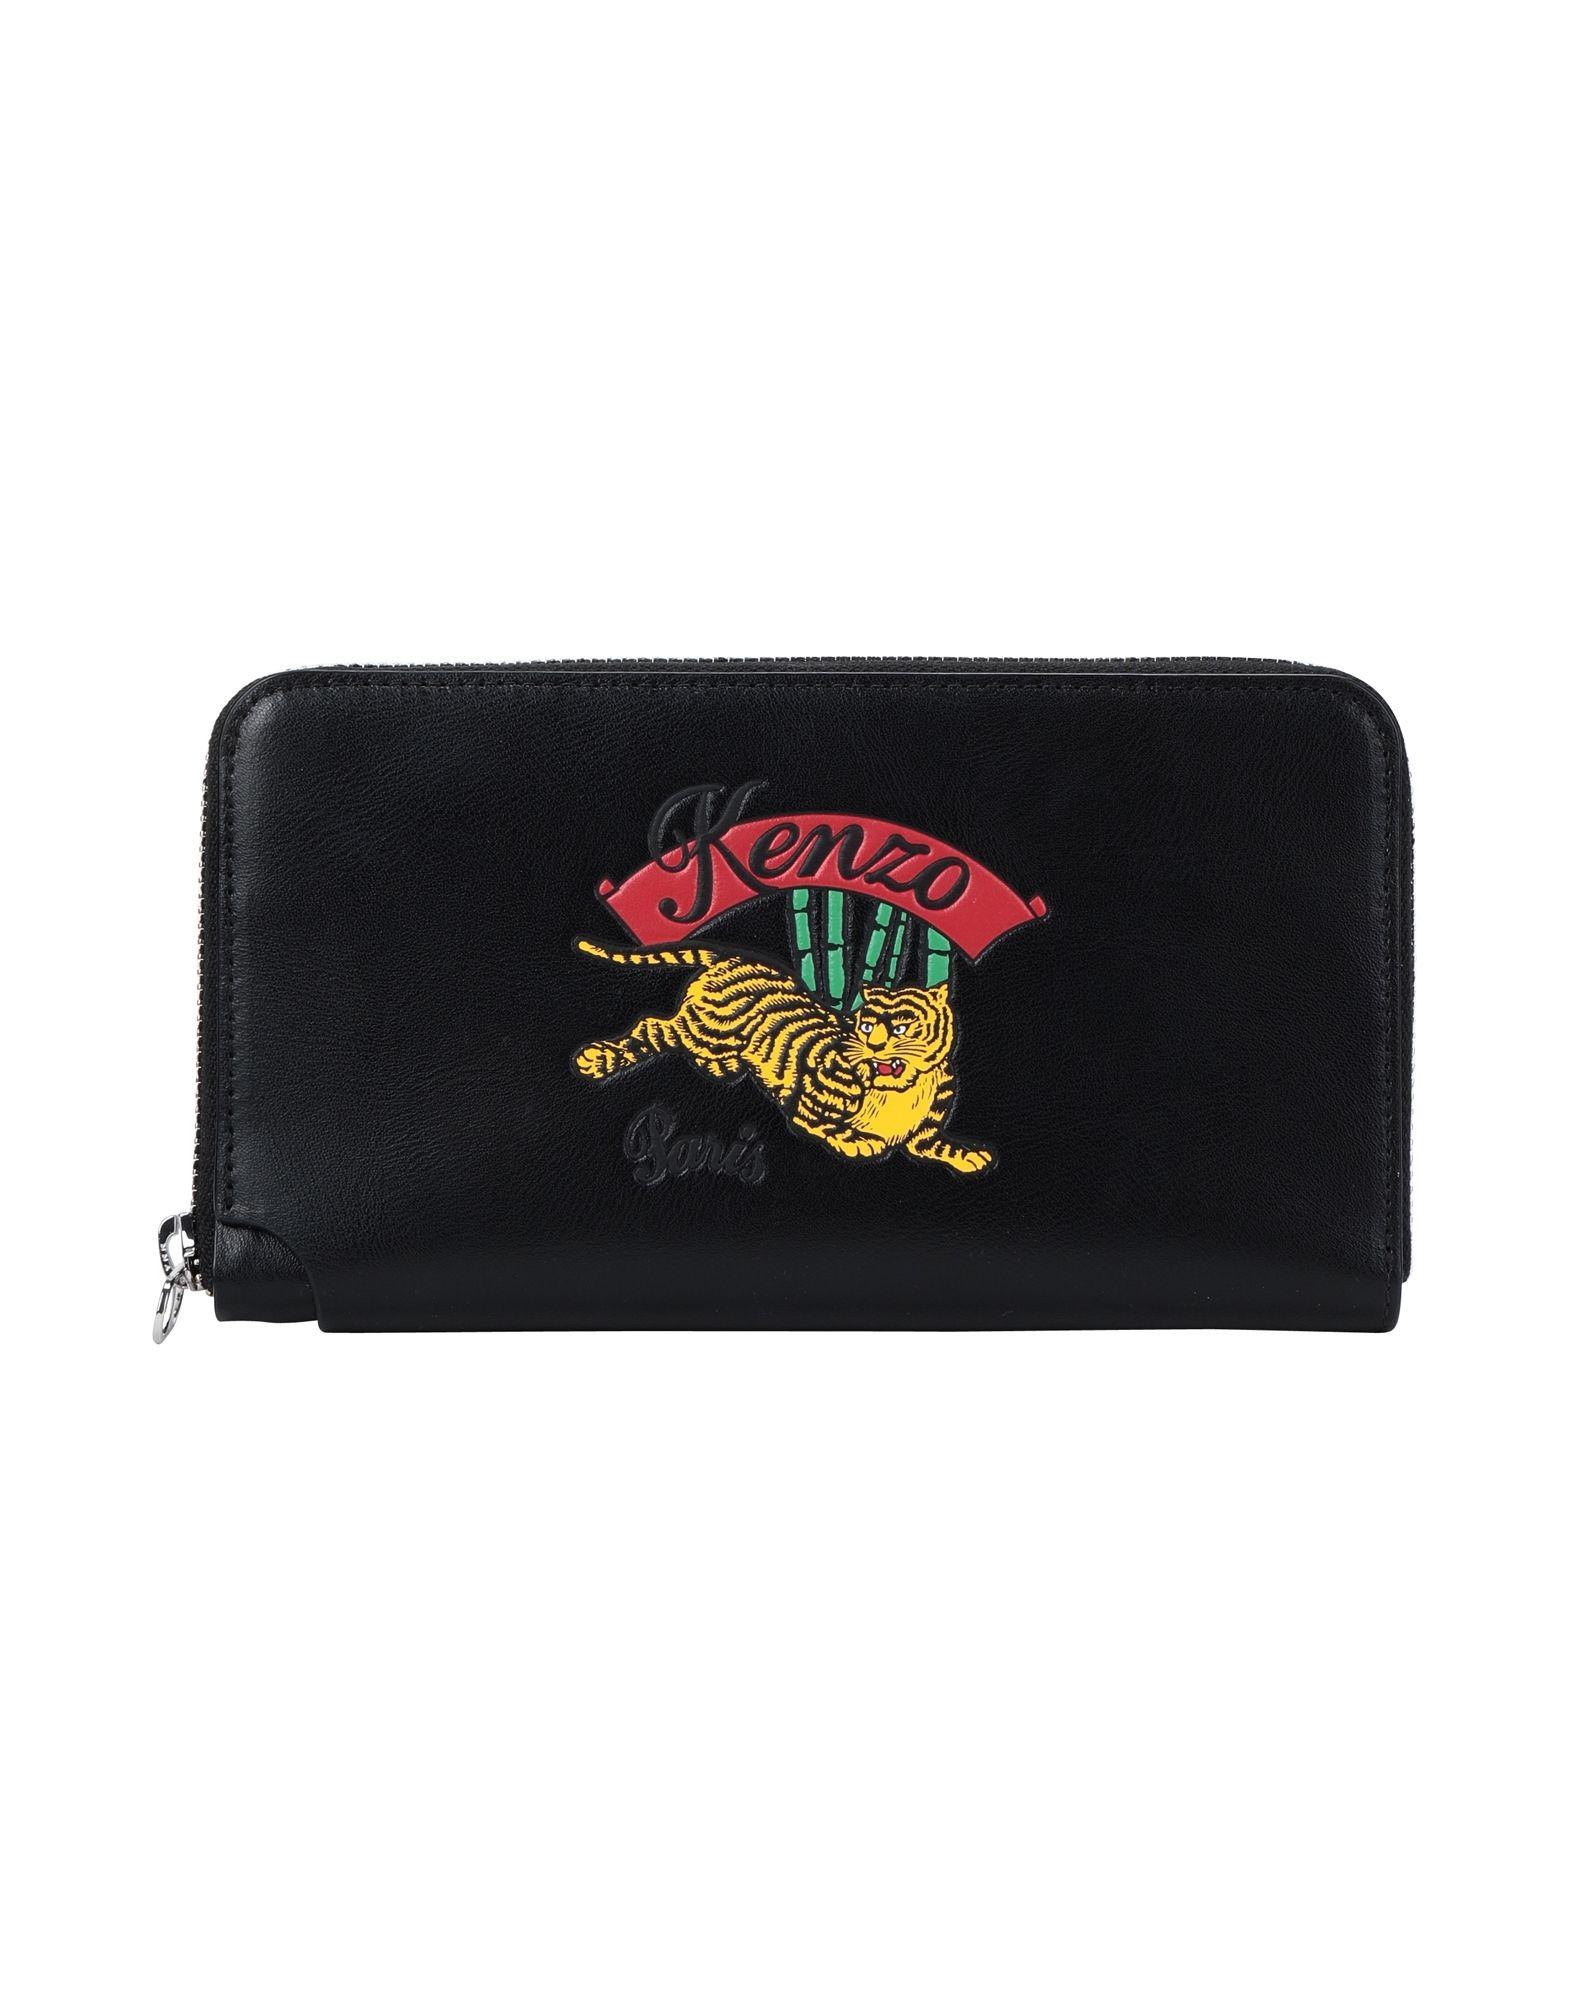 6481597a7c61 ケンゾー(KENZO) 財布 | 通販・人気ランキング - 価格.com